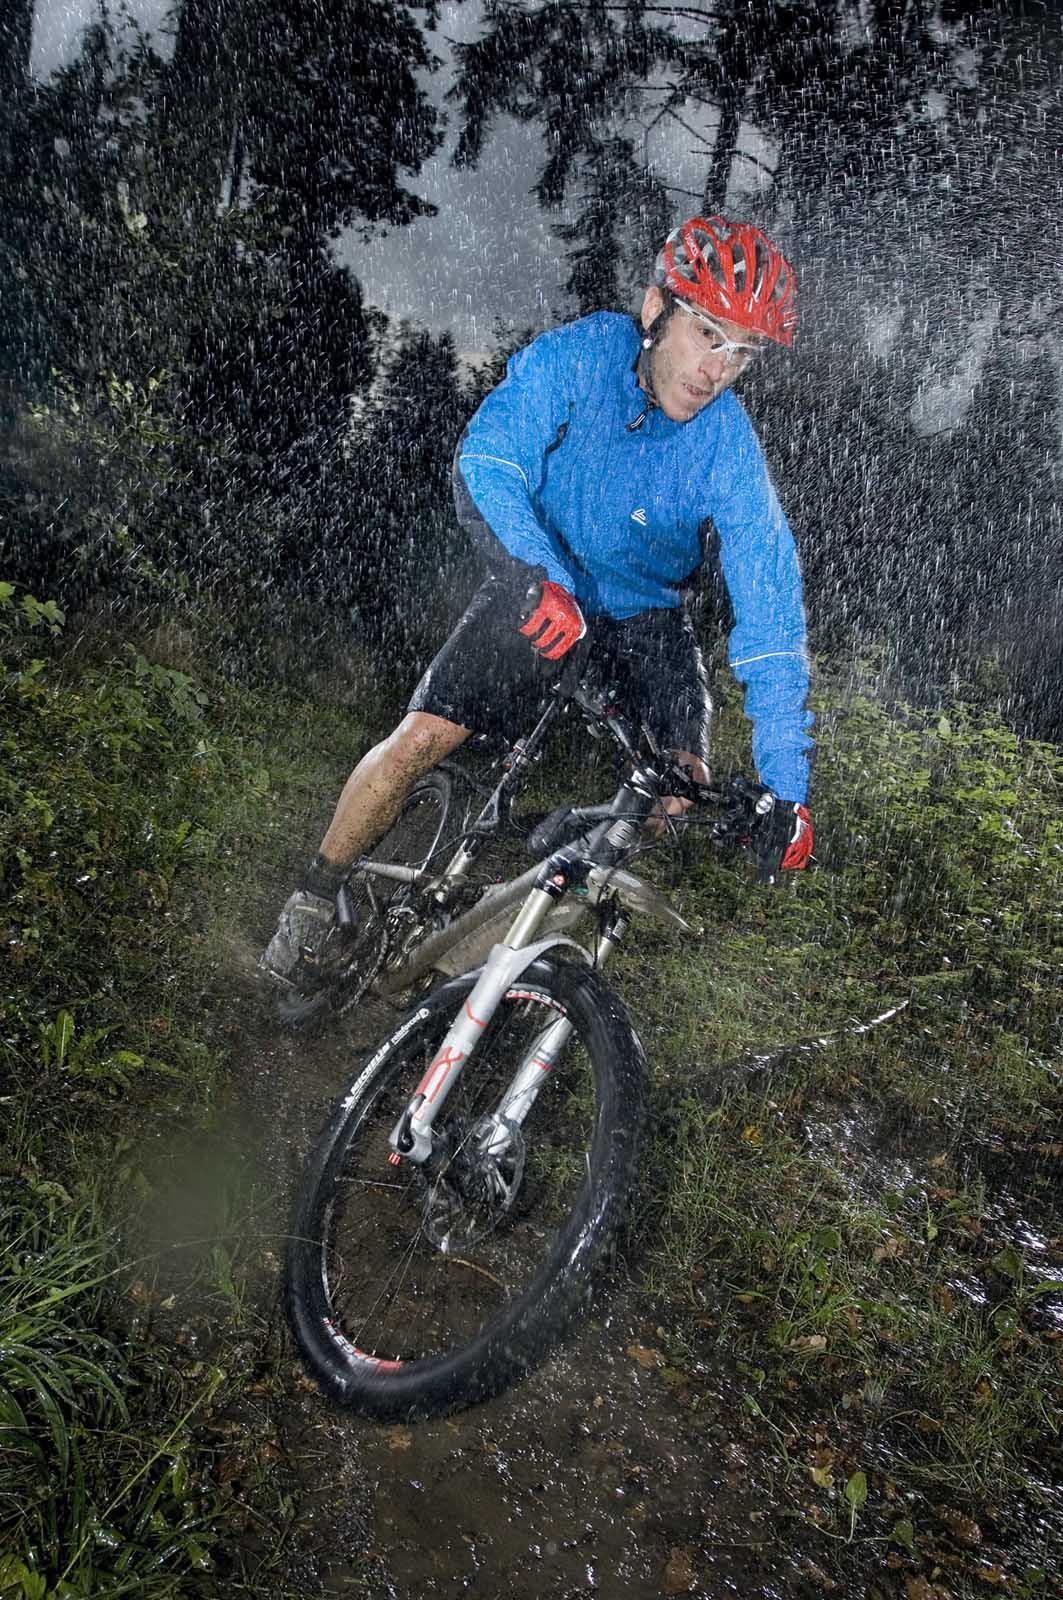 Sportfotografie-München-Mountainbike-MTB-Regen-Wald